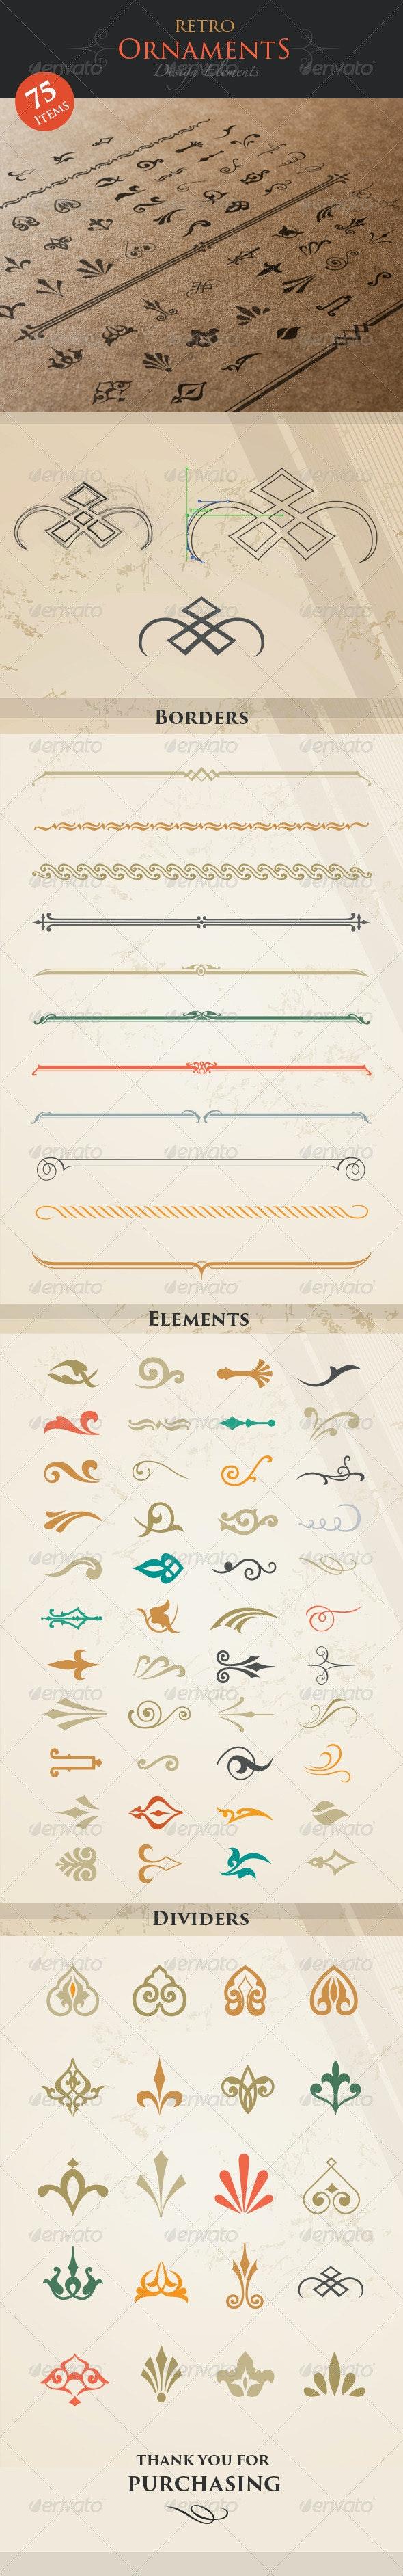 Retro Ornaments Design Elements - Decorative Vectors